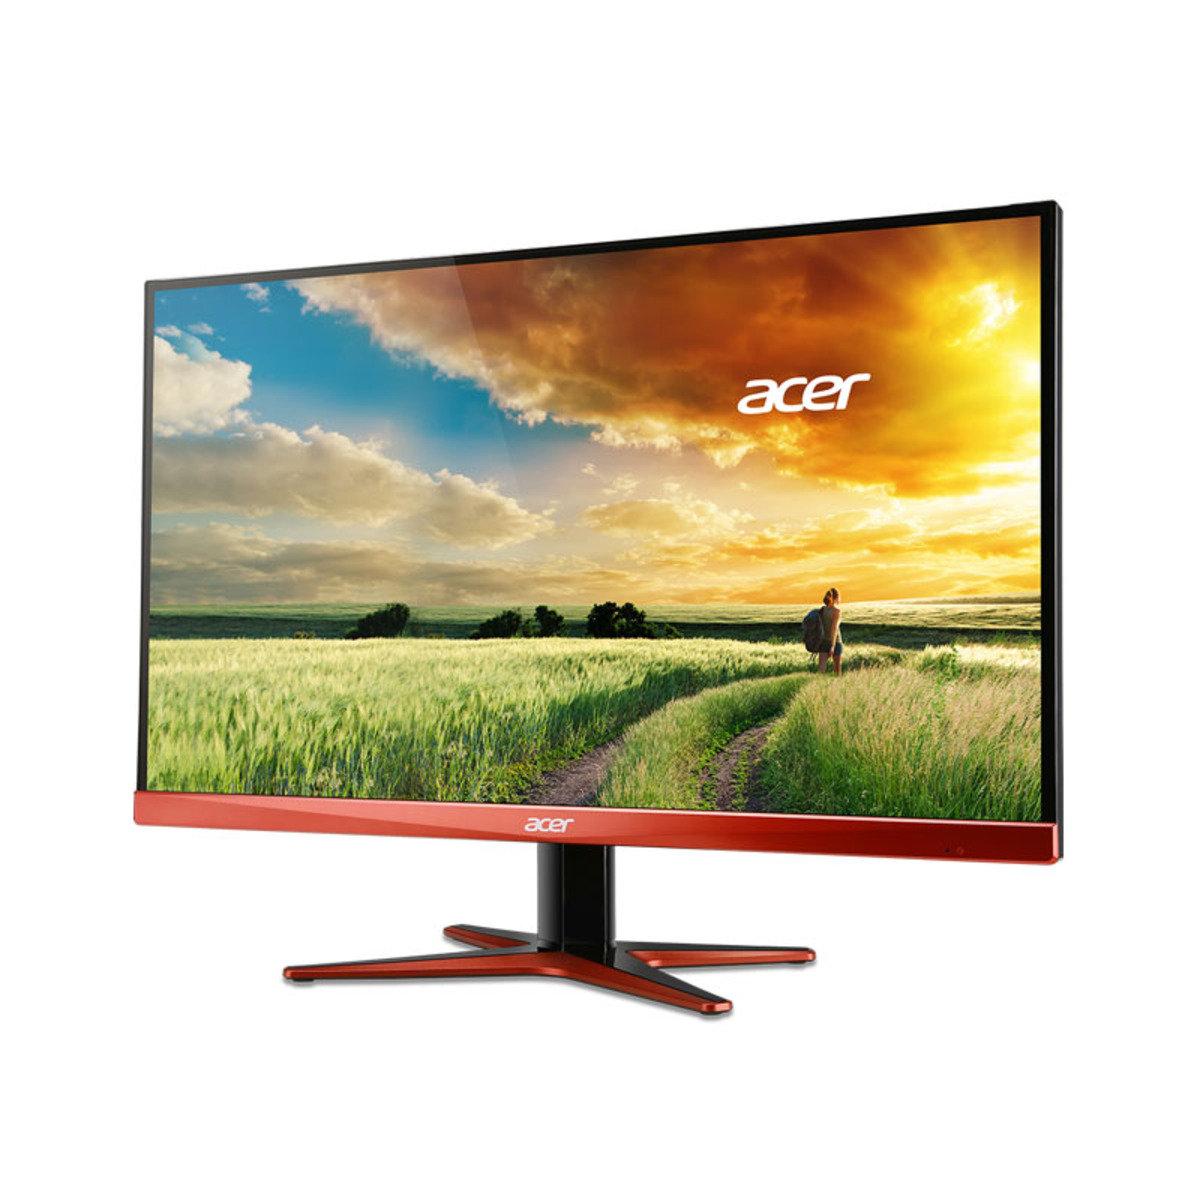 [預訂] 27吋 2K解像 Free-Sync 專業電競顯示屏 XG270HU